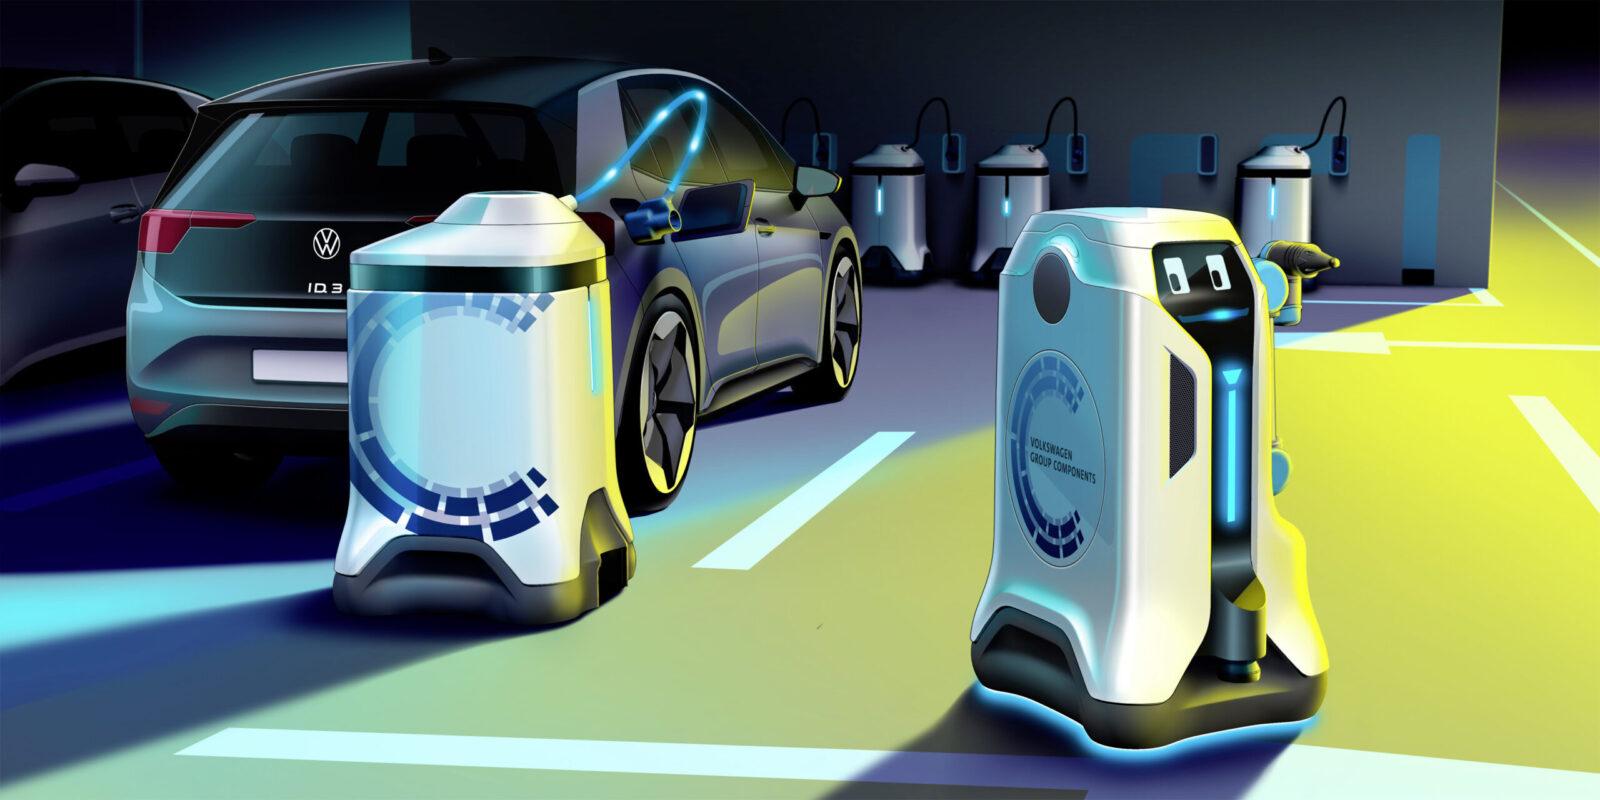 Il dispositivo mobile di accumulo dell'energia rimane con l'auto durante il processo di ricarica. Il robot nel frattempo va a ricaricare altre auto